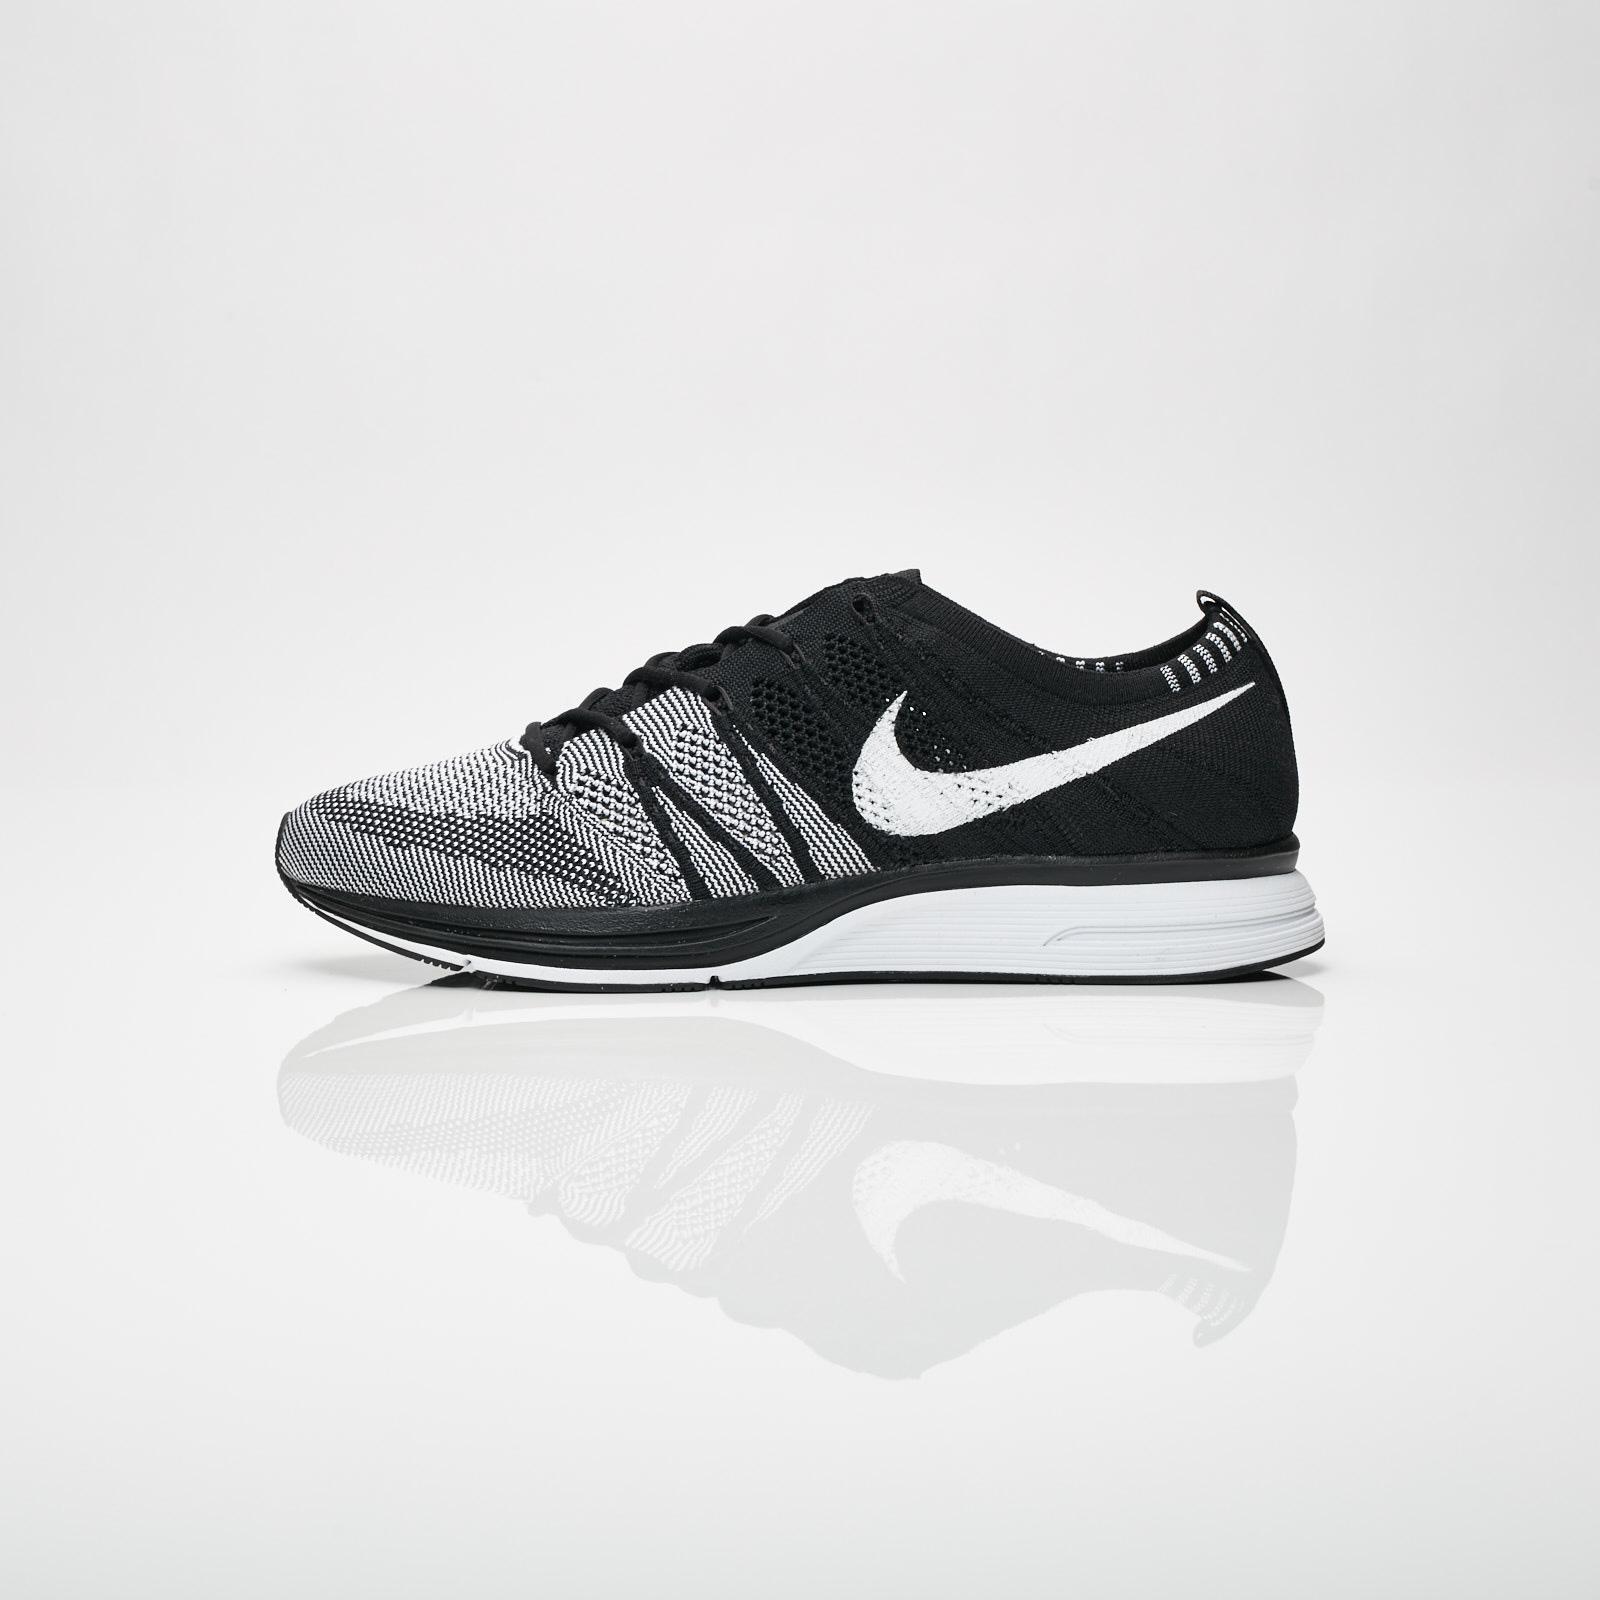 05478461d91f Nike Flyknit Trainer - Ah8396-005 - Sneakersnstuff